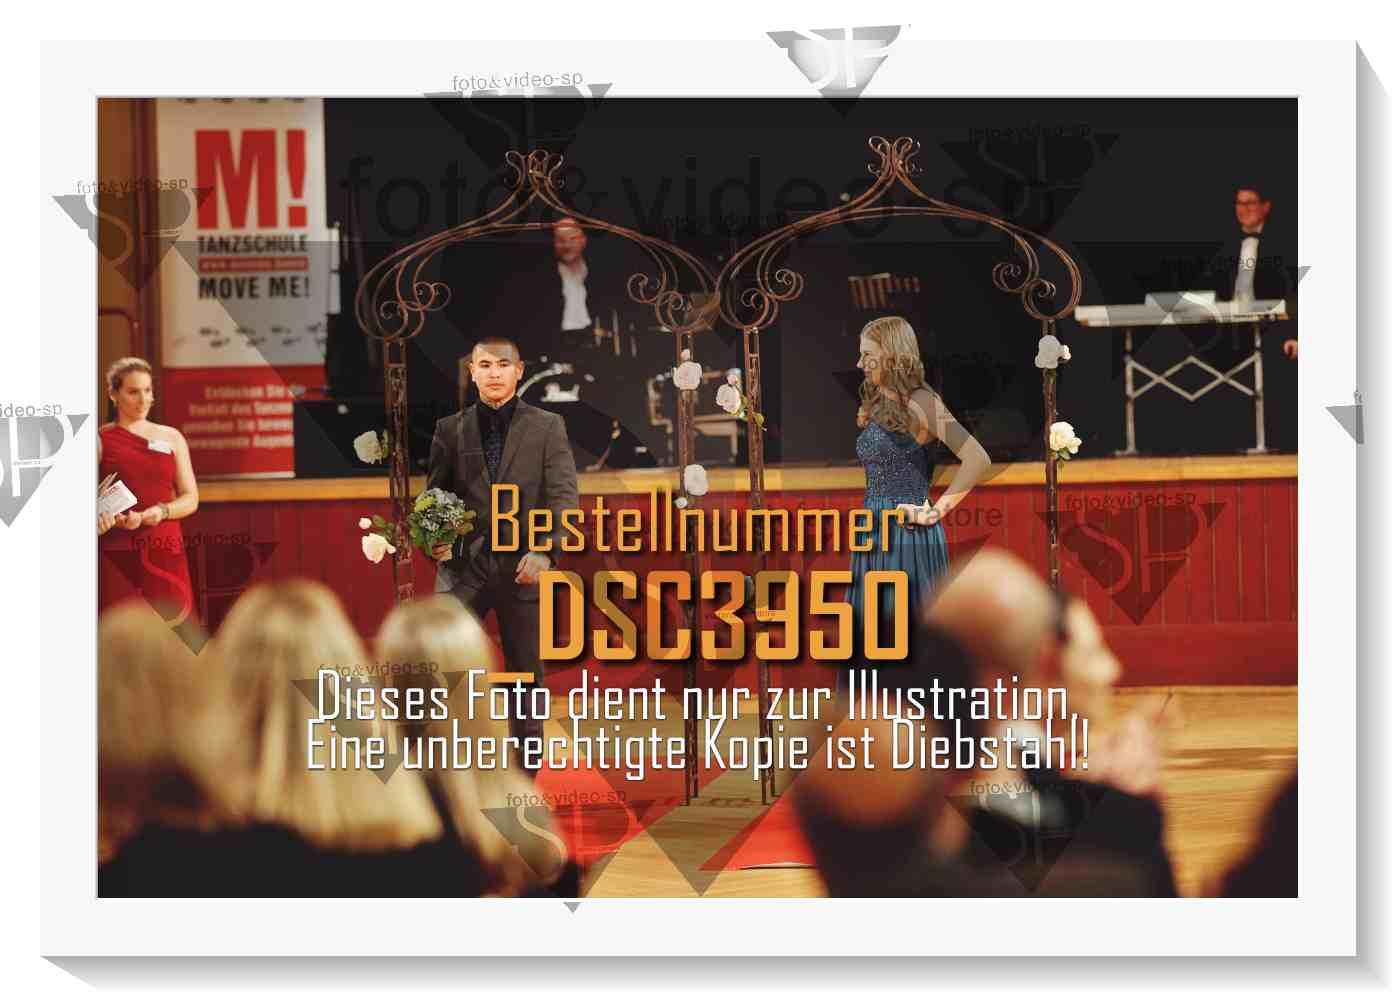 DSC3950